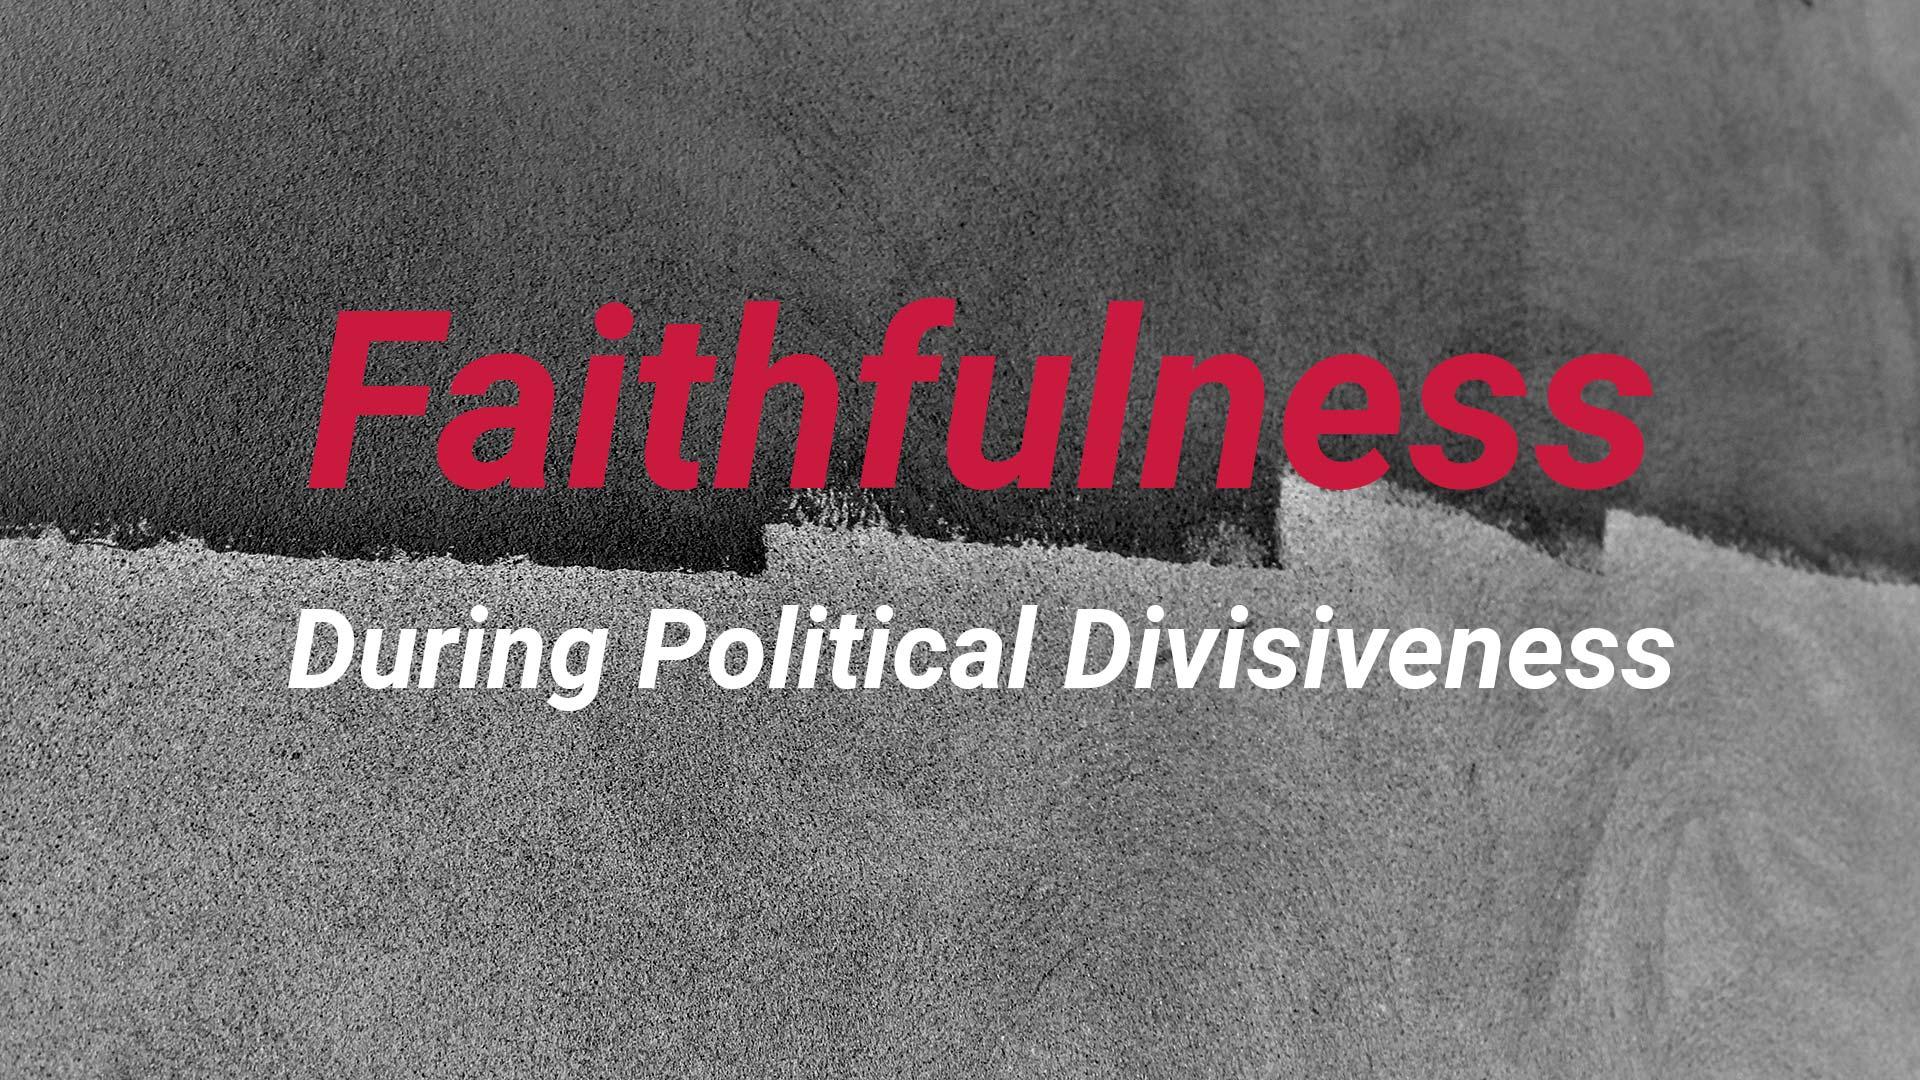 Faithfulness During Political Divisiveness (Matthew 22:14-22) - Part 2